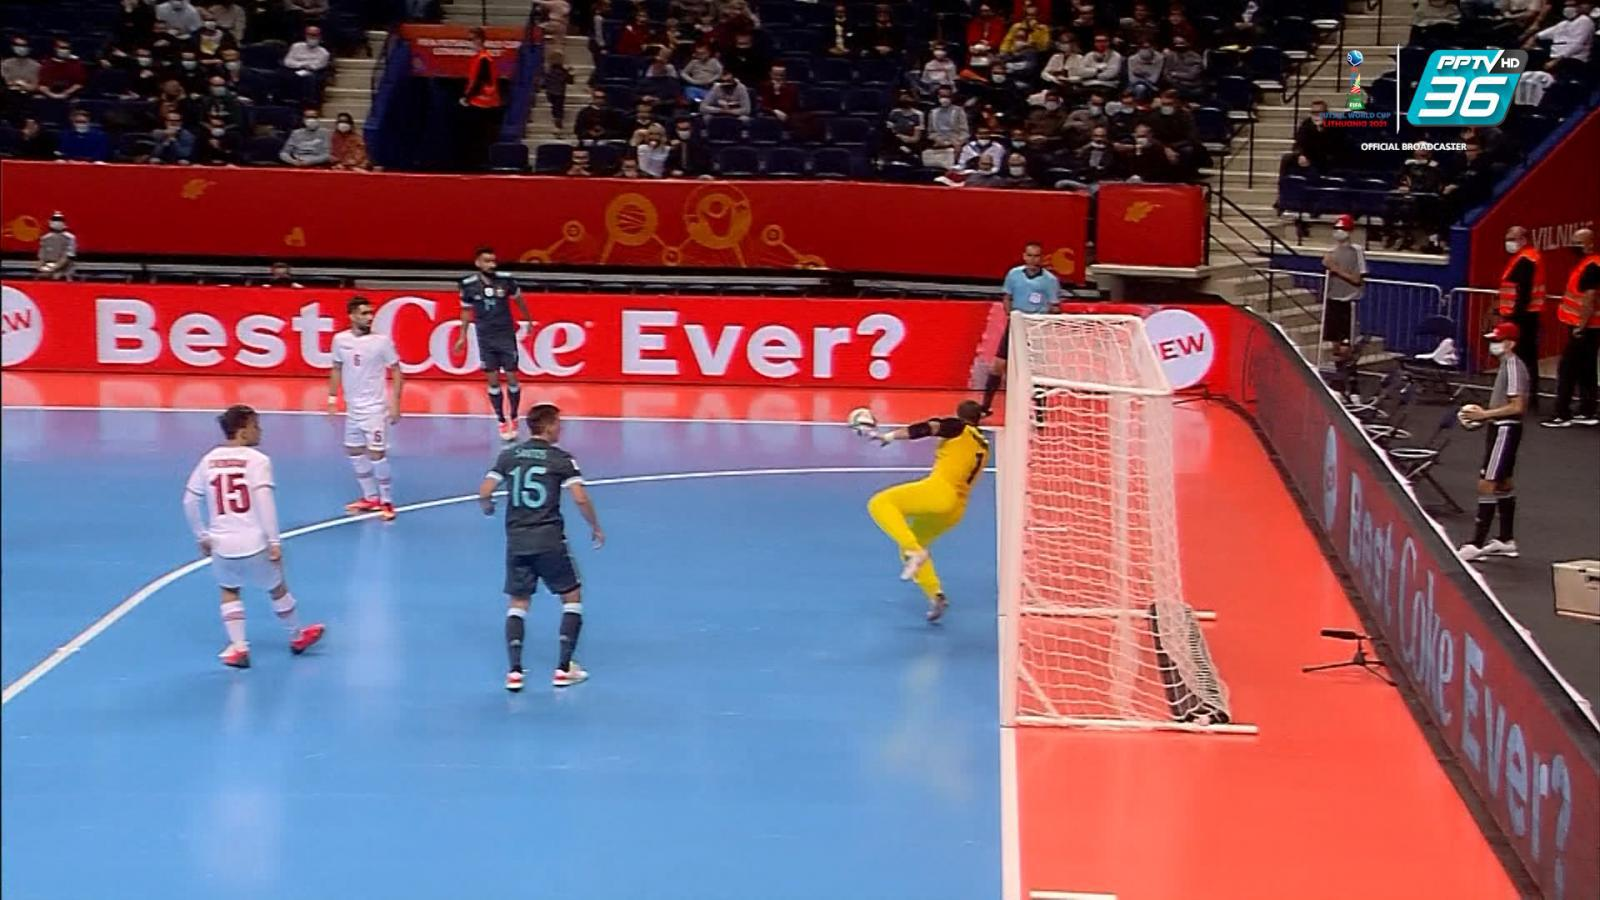 Full Match | ฟีฟ่า ฟุตซอล เวิลด์ คัพ 2021 | อิหร่าน พบ อาร์เจนตินา | 20 ก.ย. 64